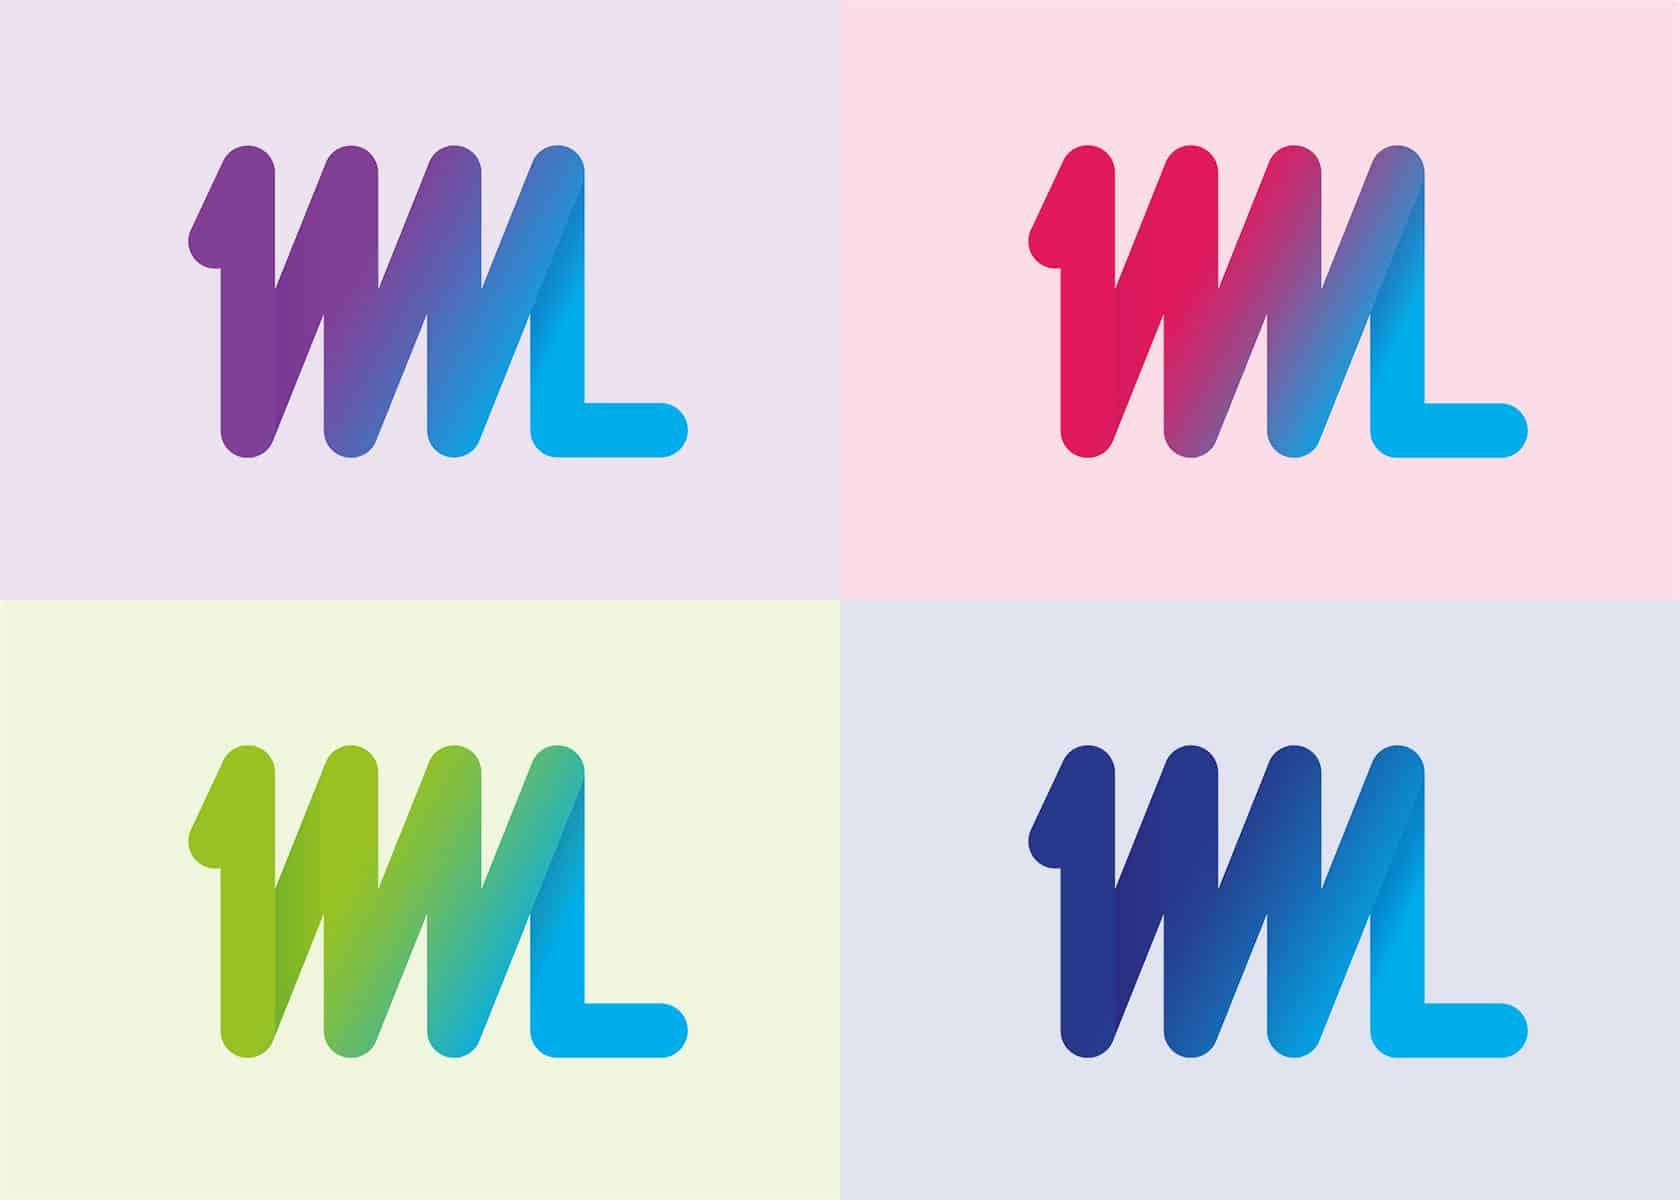 New 1WL Logo in 4 colourways